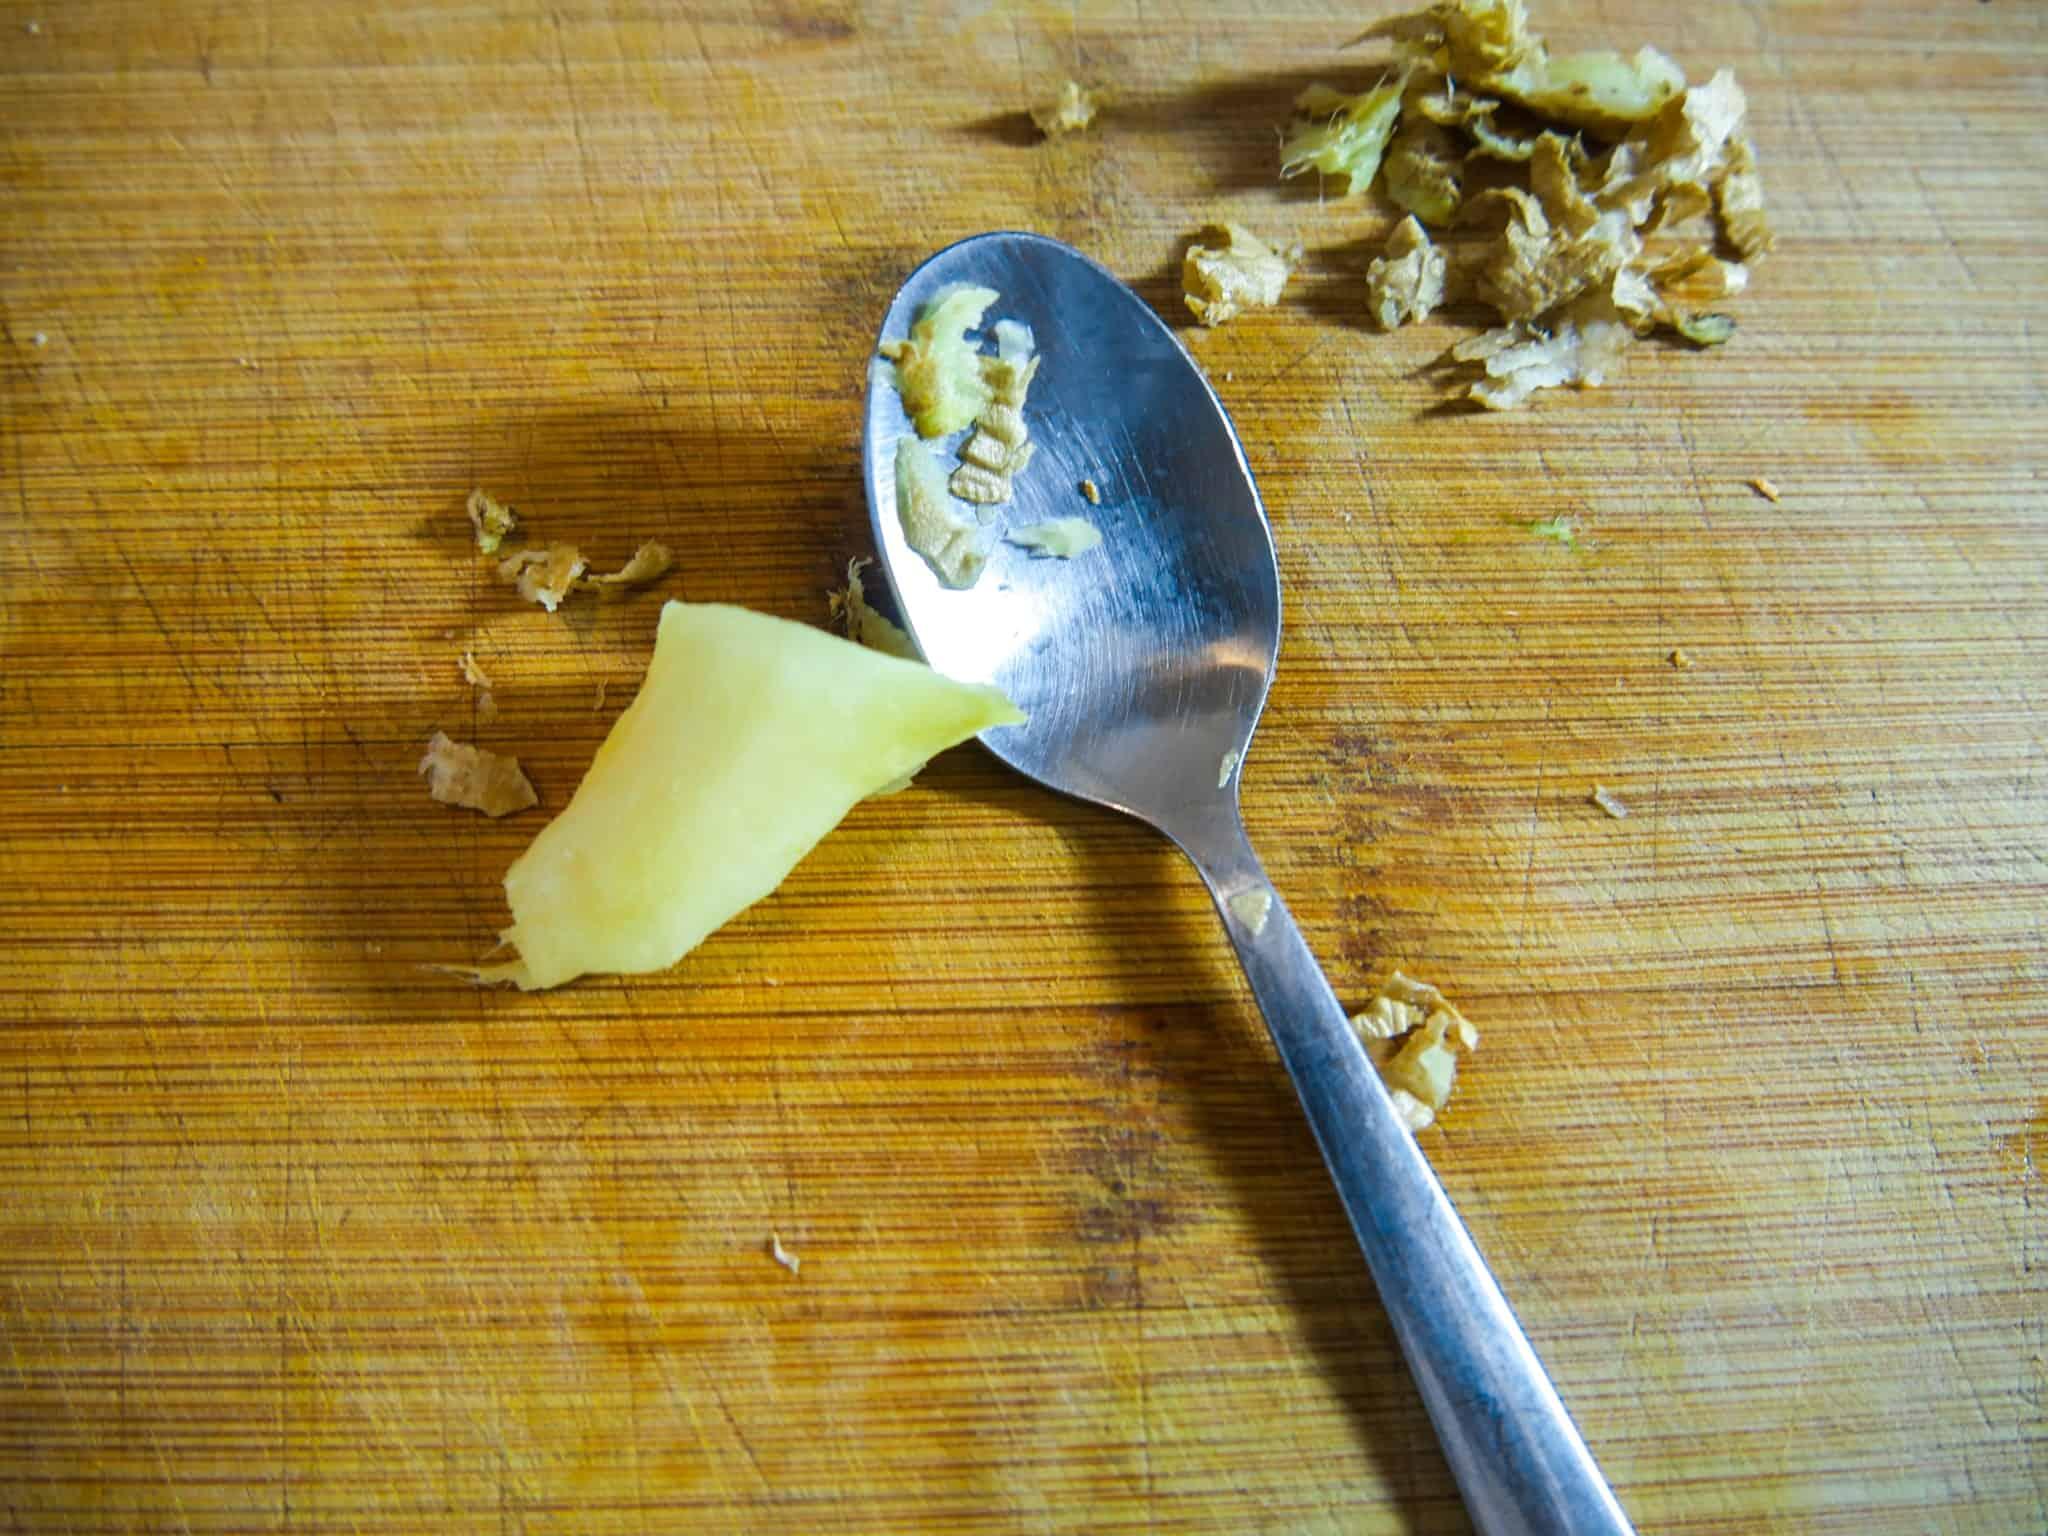 Ingwer für die leichte Kürbissuppe mit einem Löffel schälen